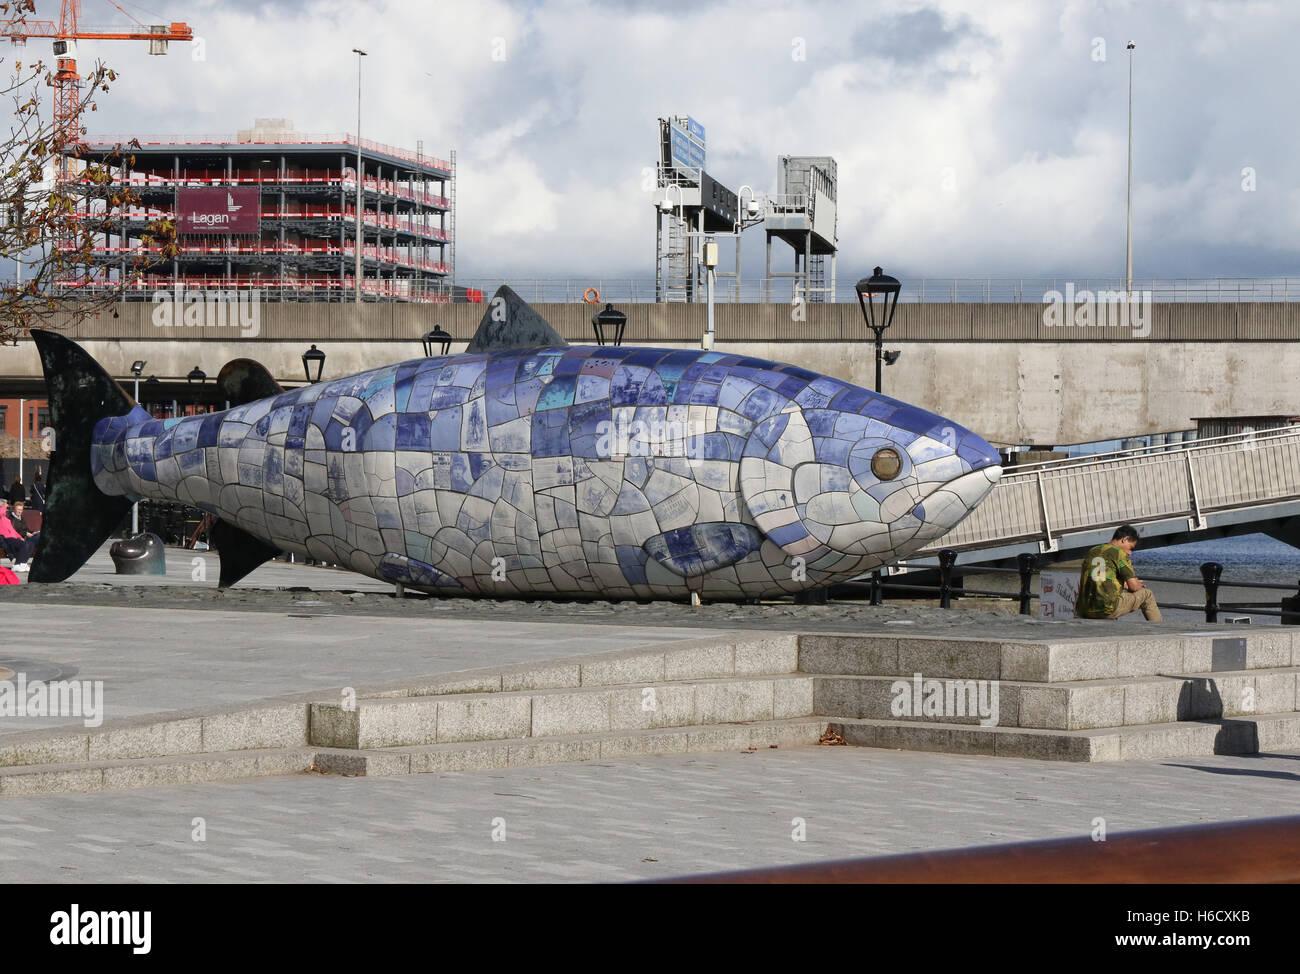 Los grandes peces escultura en el Lagan Weir en Belfast. En el fondo City Quays 2 está en construcción en el puerto de Belfast. Foto de stock